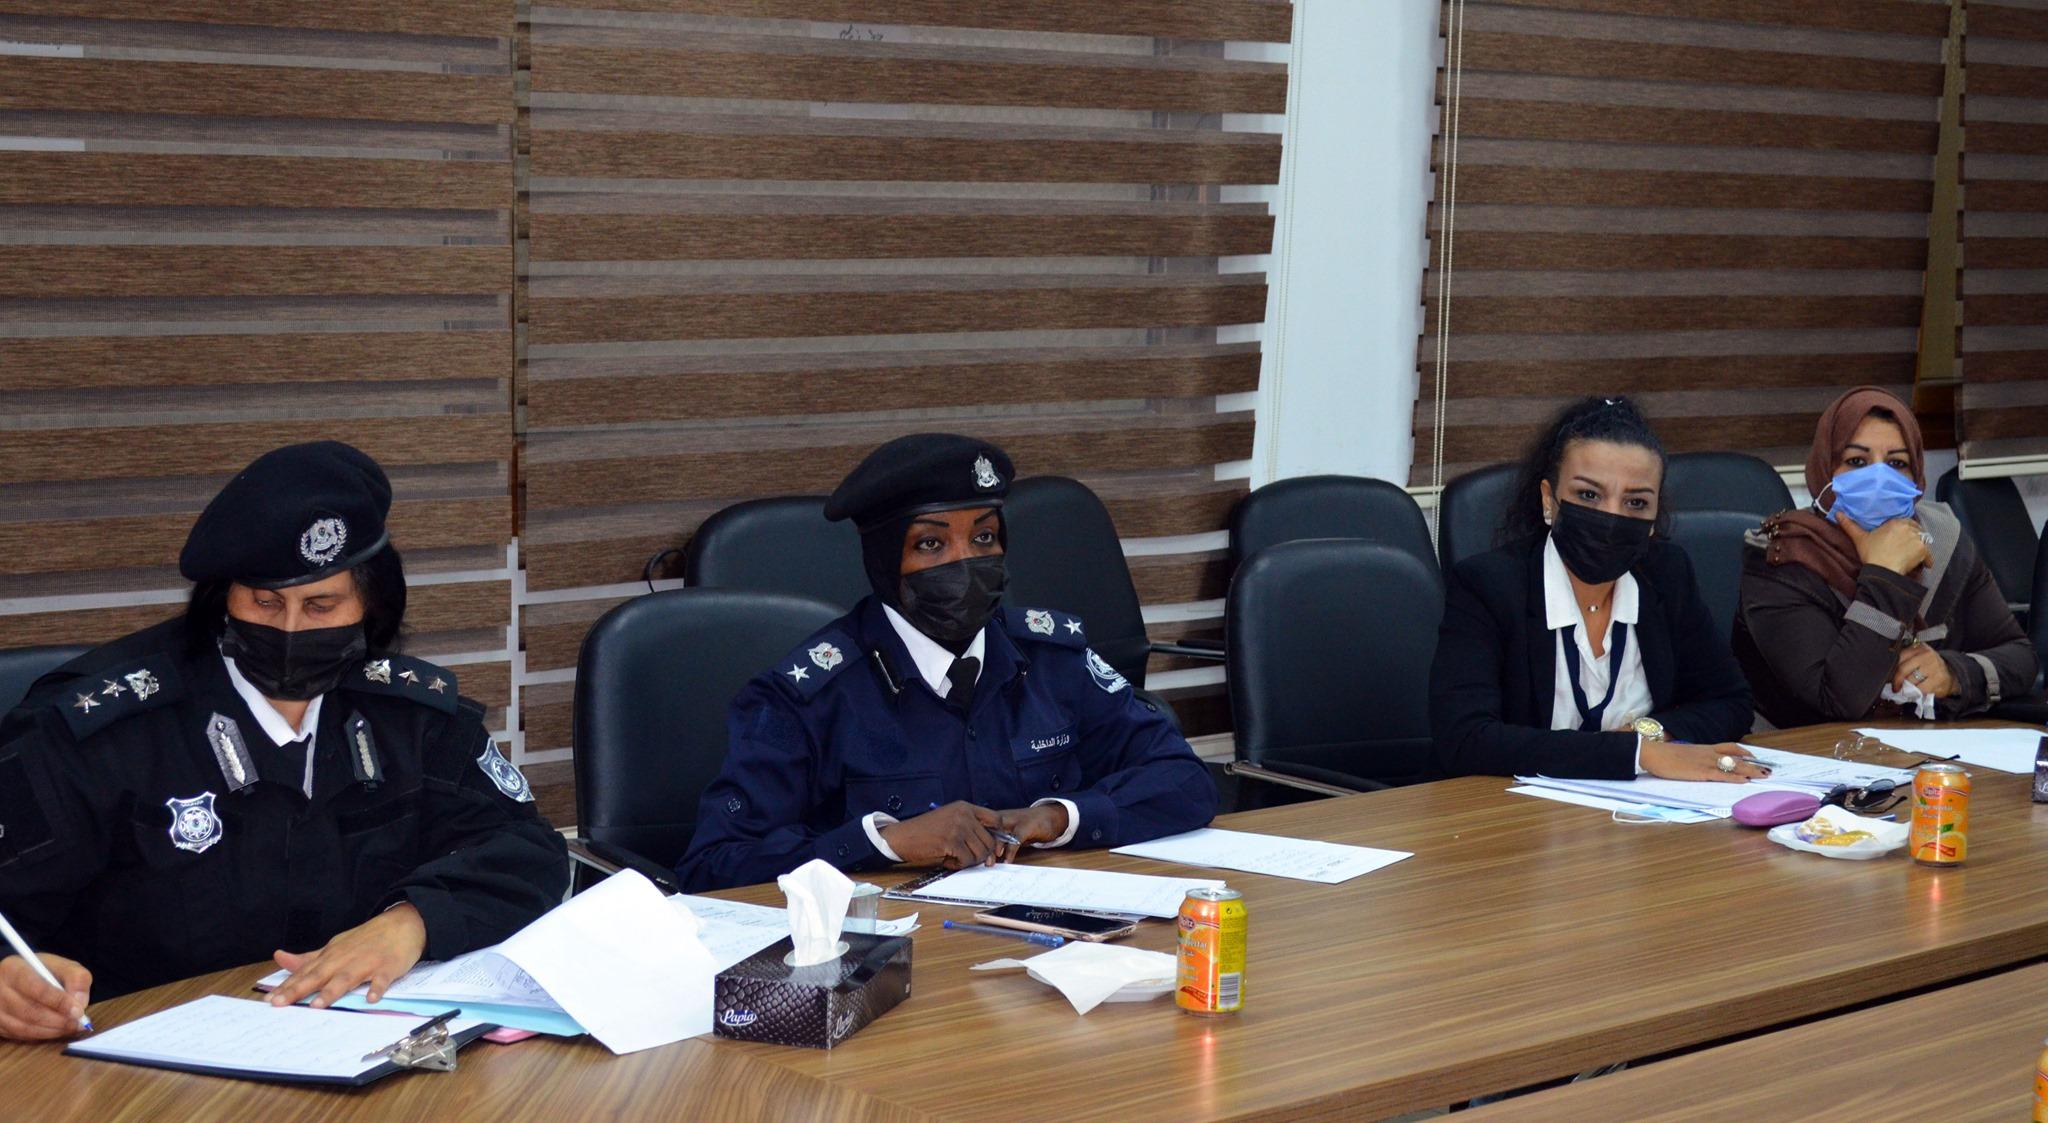 ضابطات شرطة في أول اجتماع لدعم المرأة العاملة بوزارة الداخلية بحكومة الوفاق